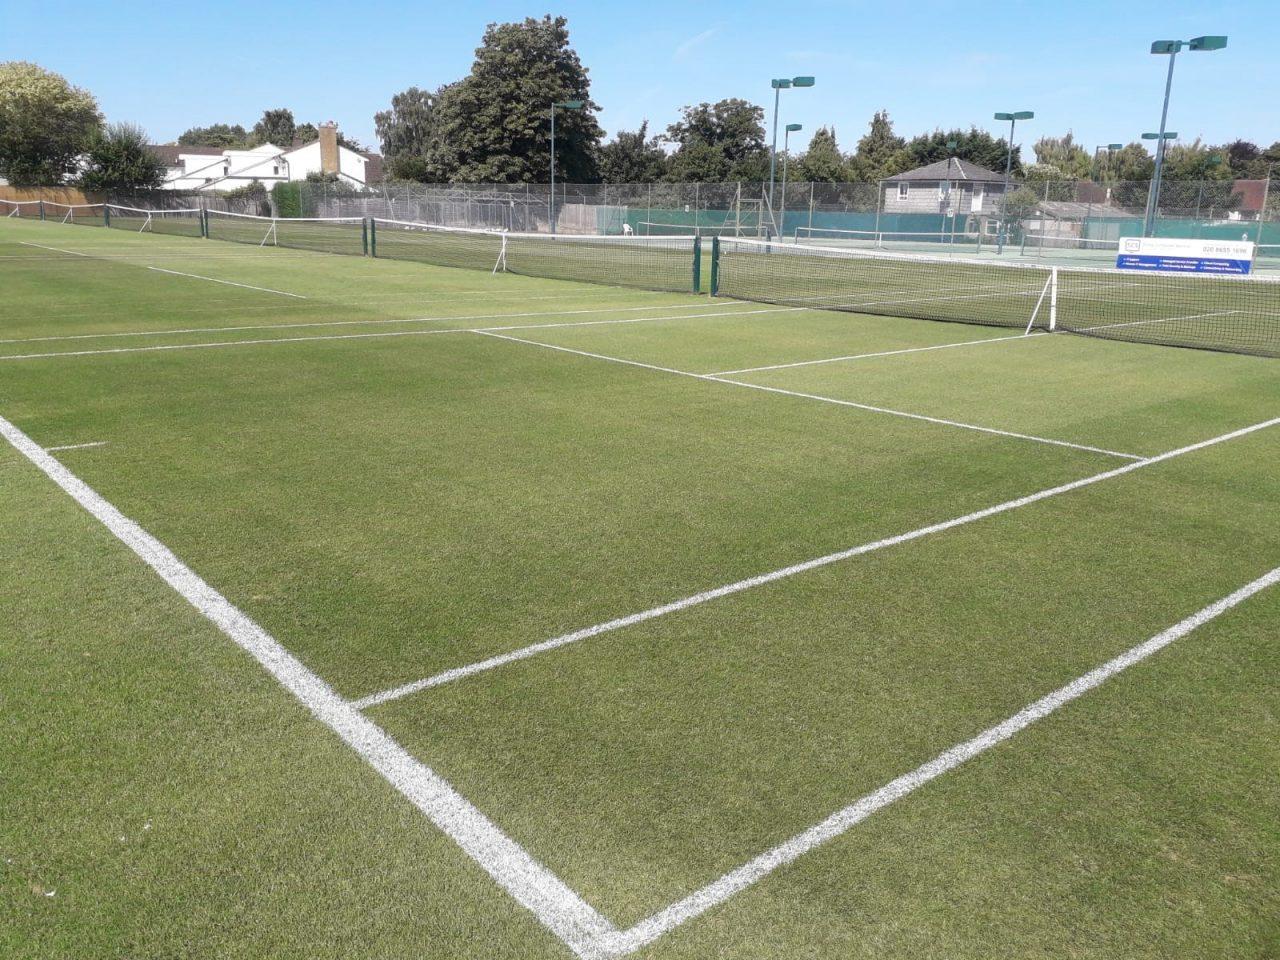 tennis-4-1280x960.jpg